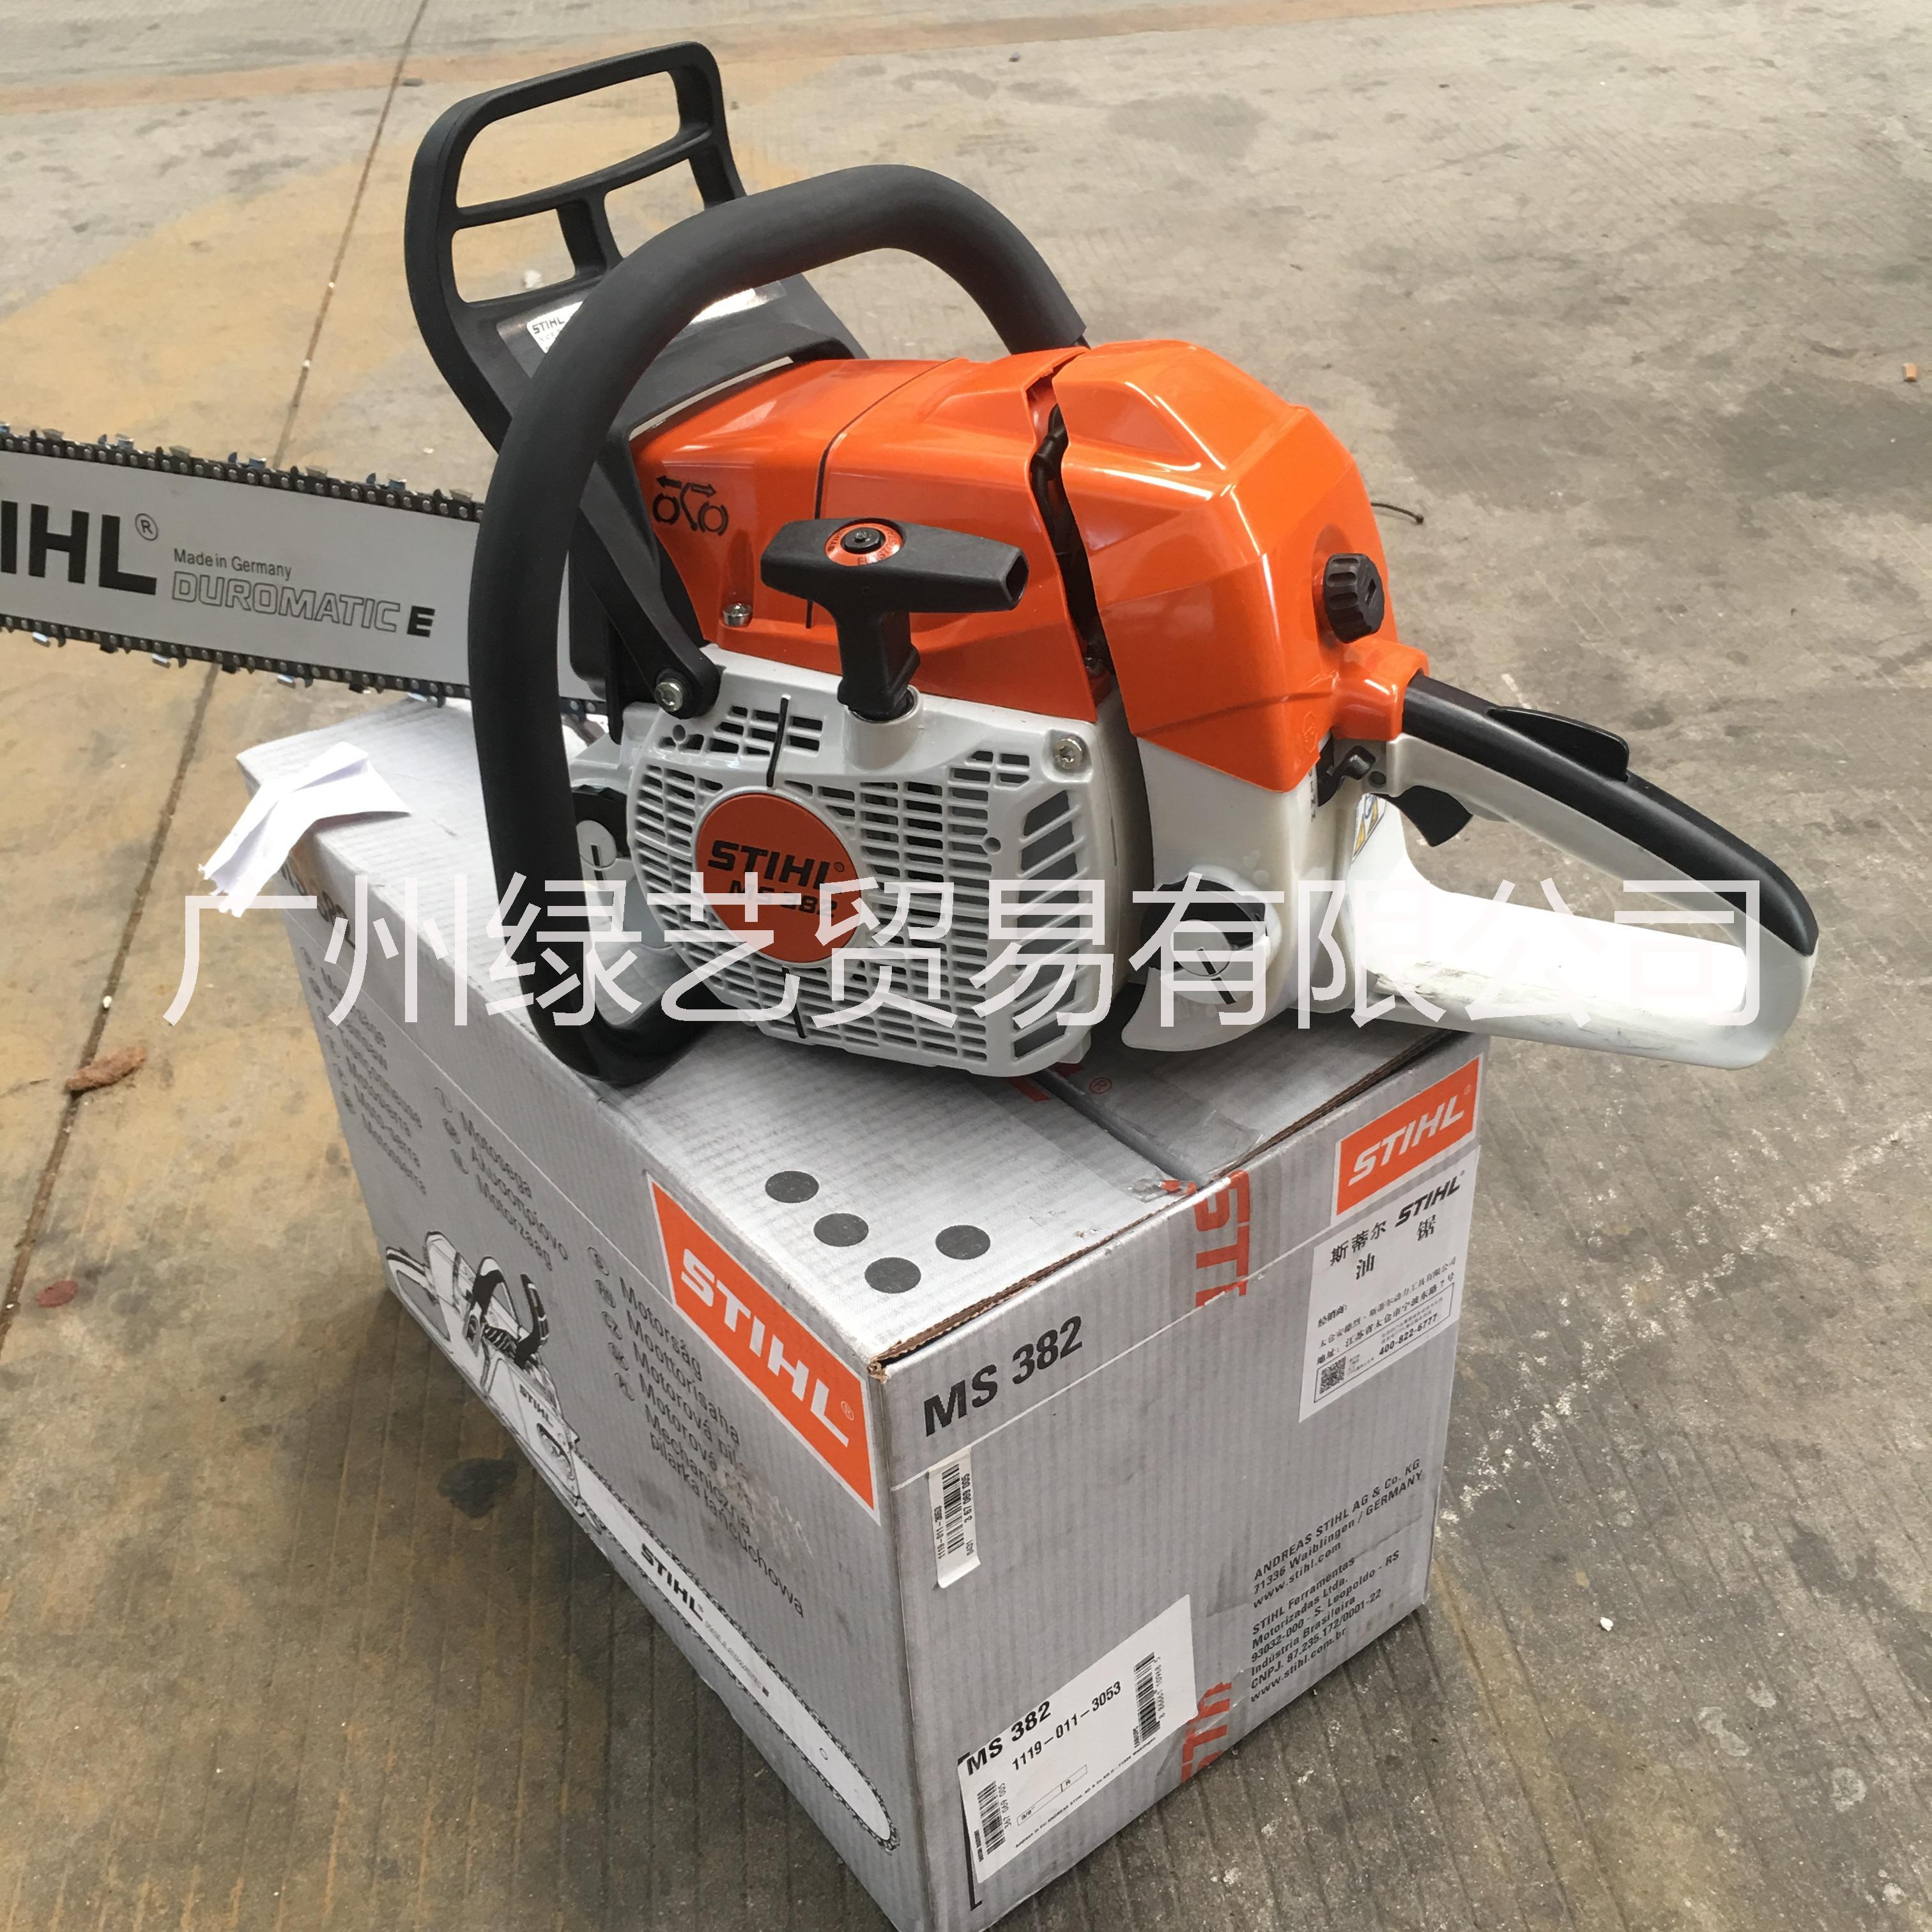 德国斯蒂尔油锯西德油锯MS251专业砍伐油锯省油油锯